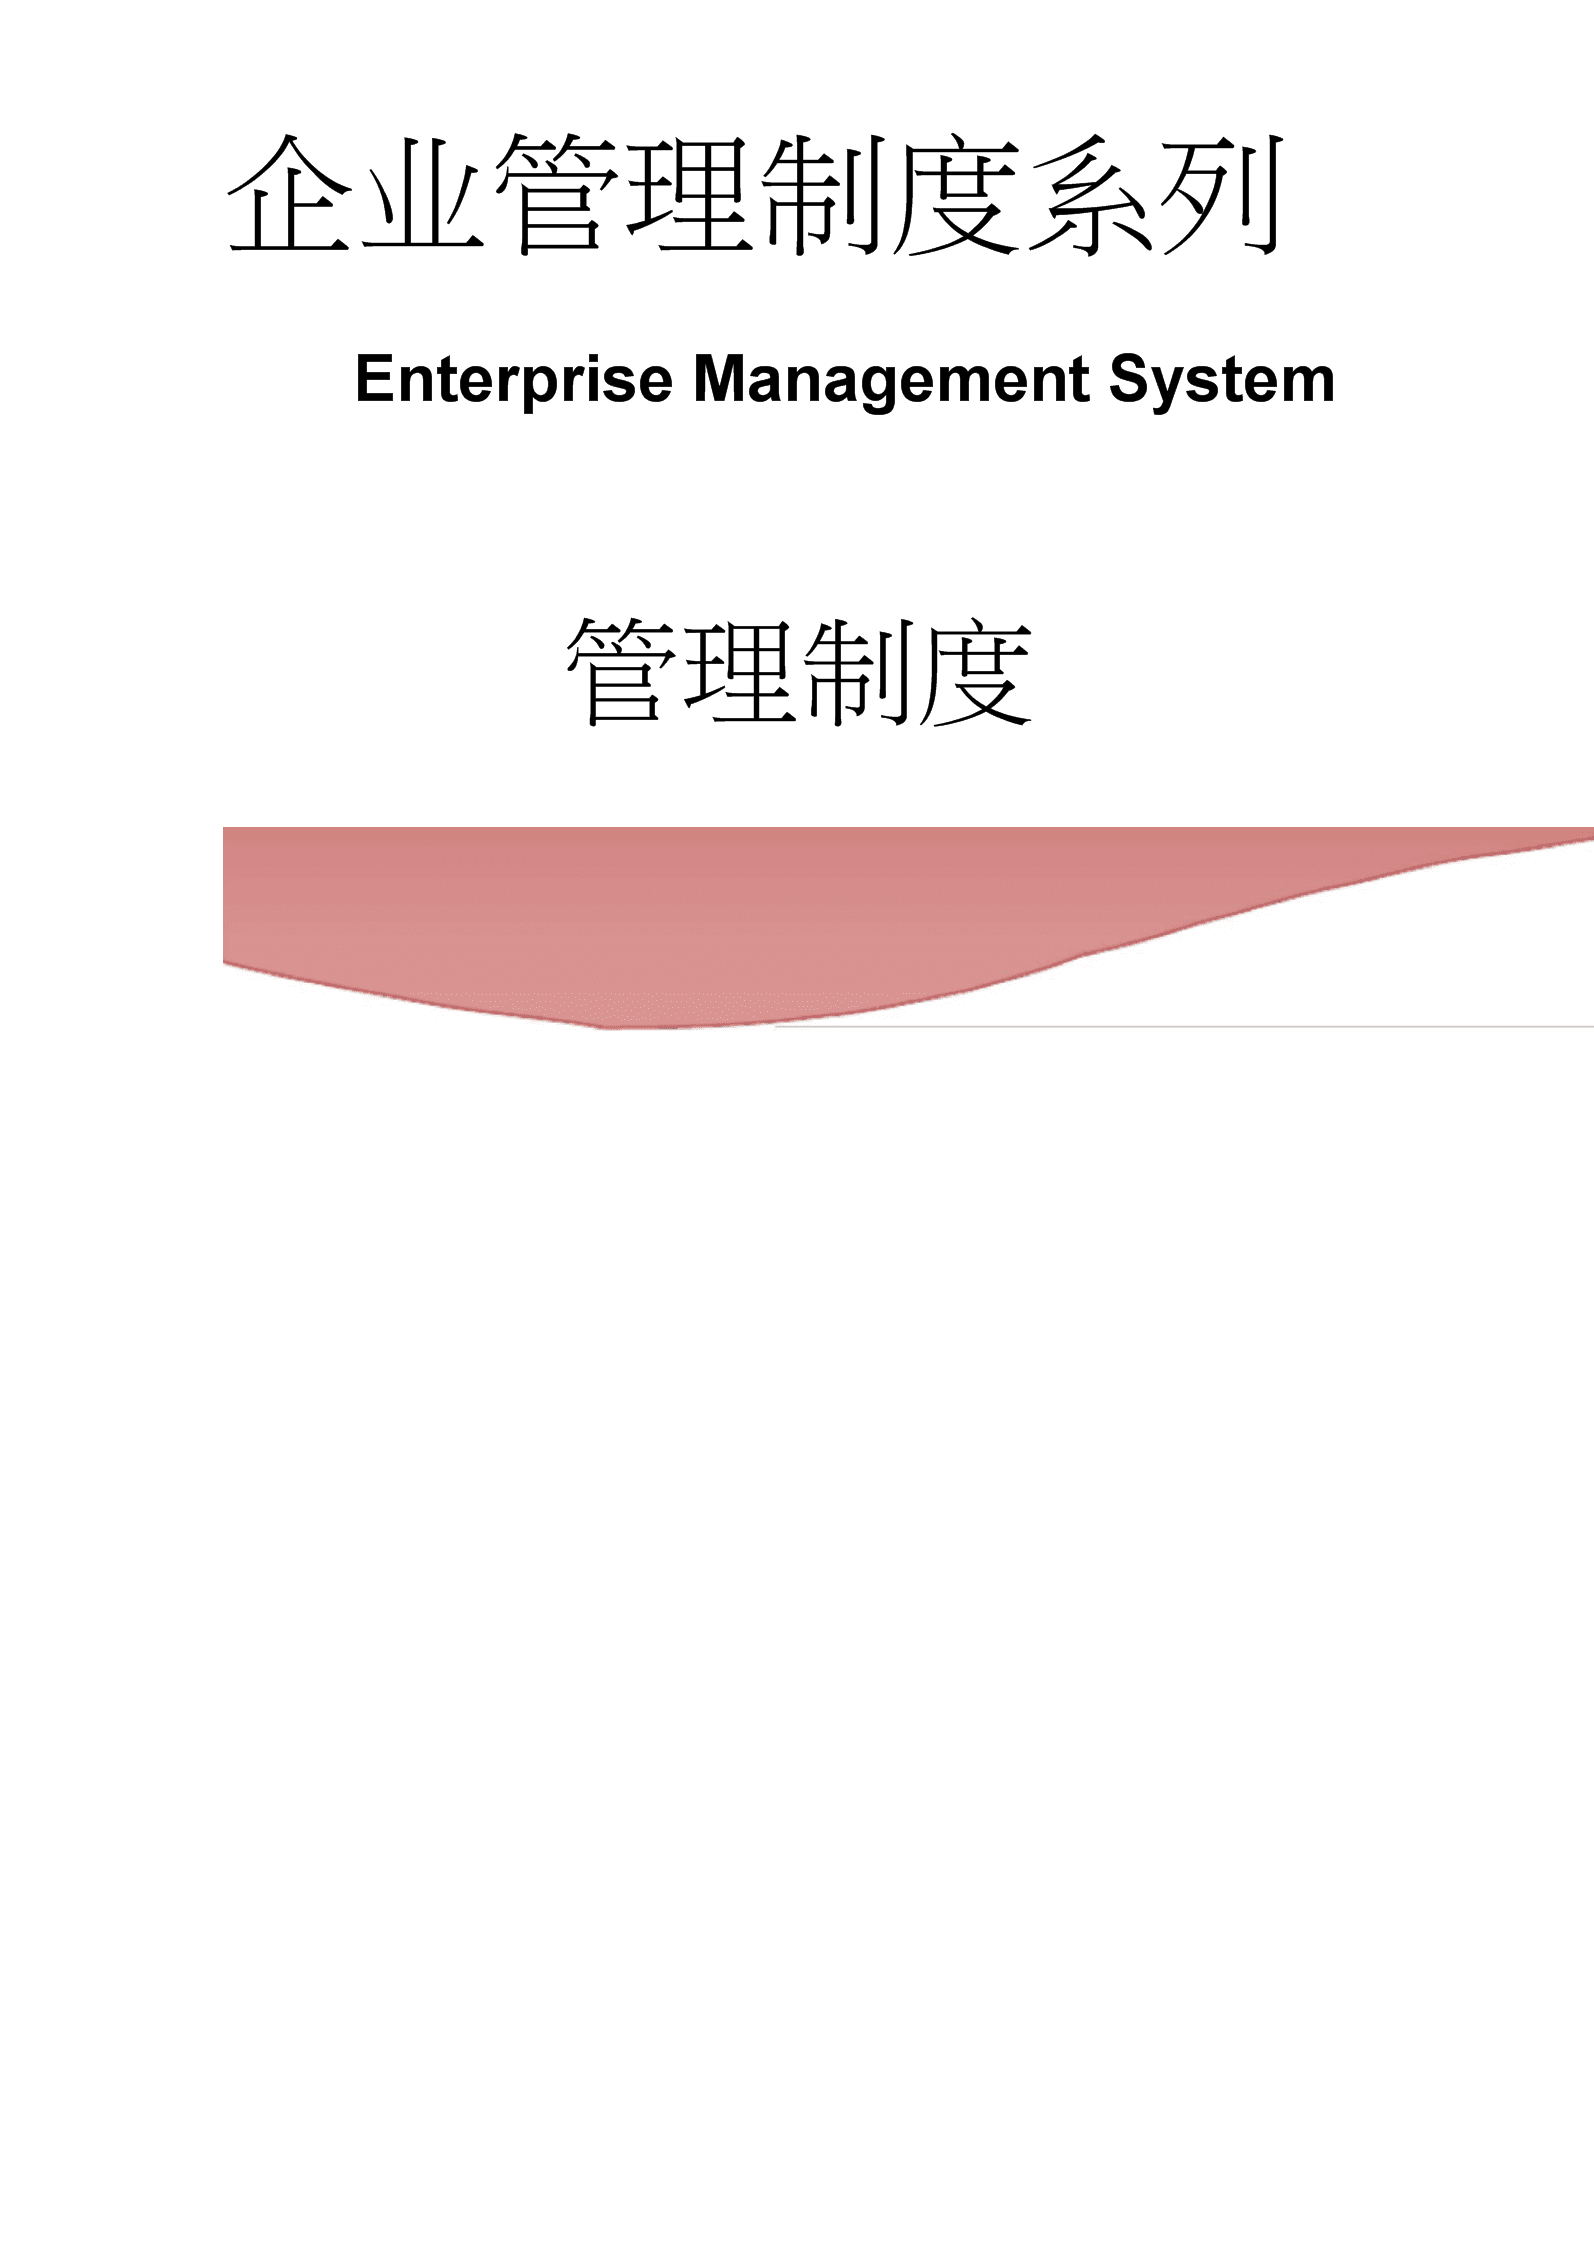 中学防台防汛管理制度.docx